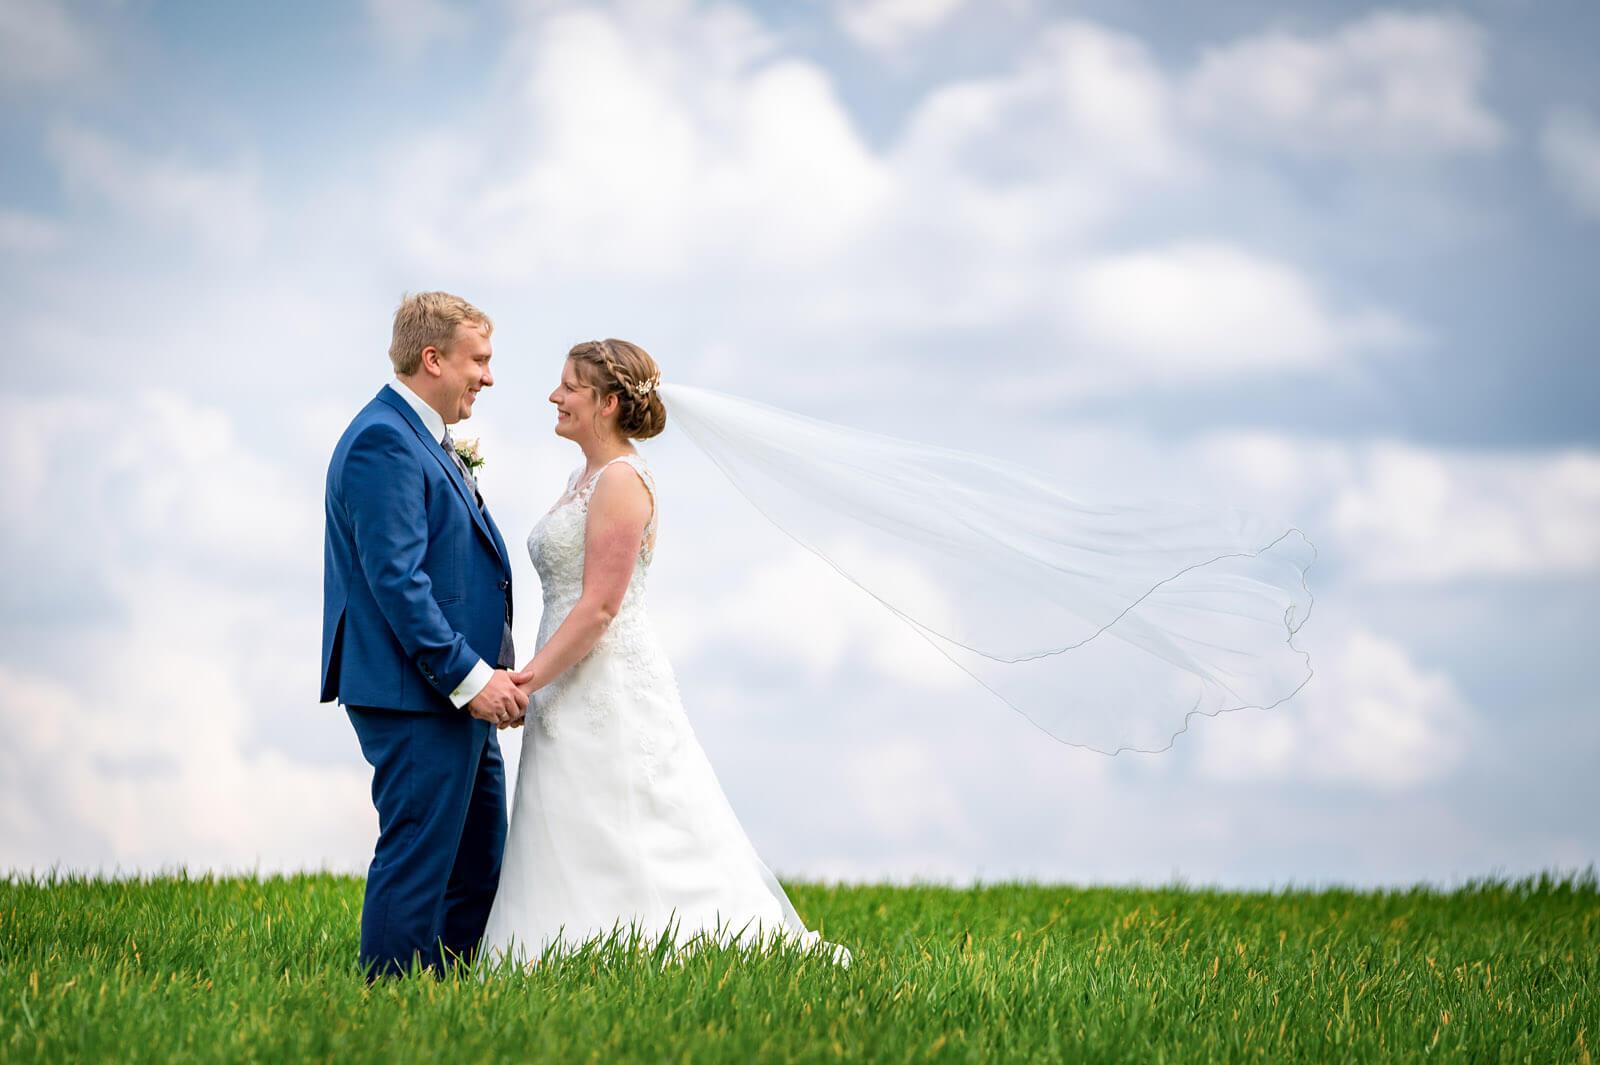 Hochzeitsfoto mit langem Schleier